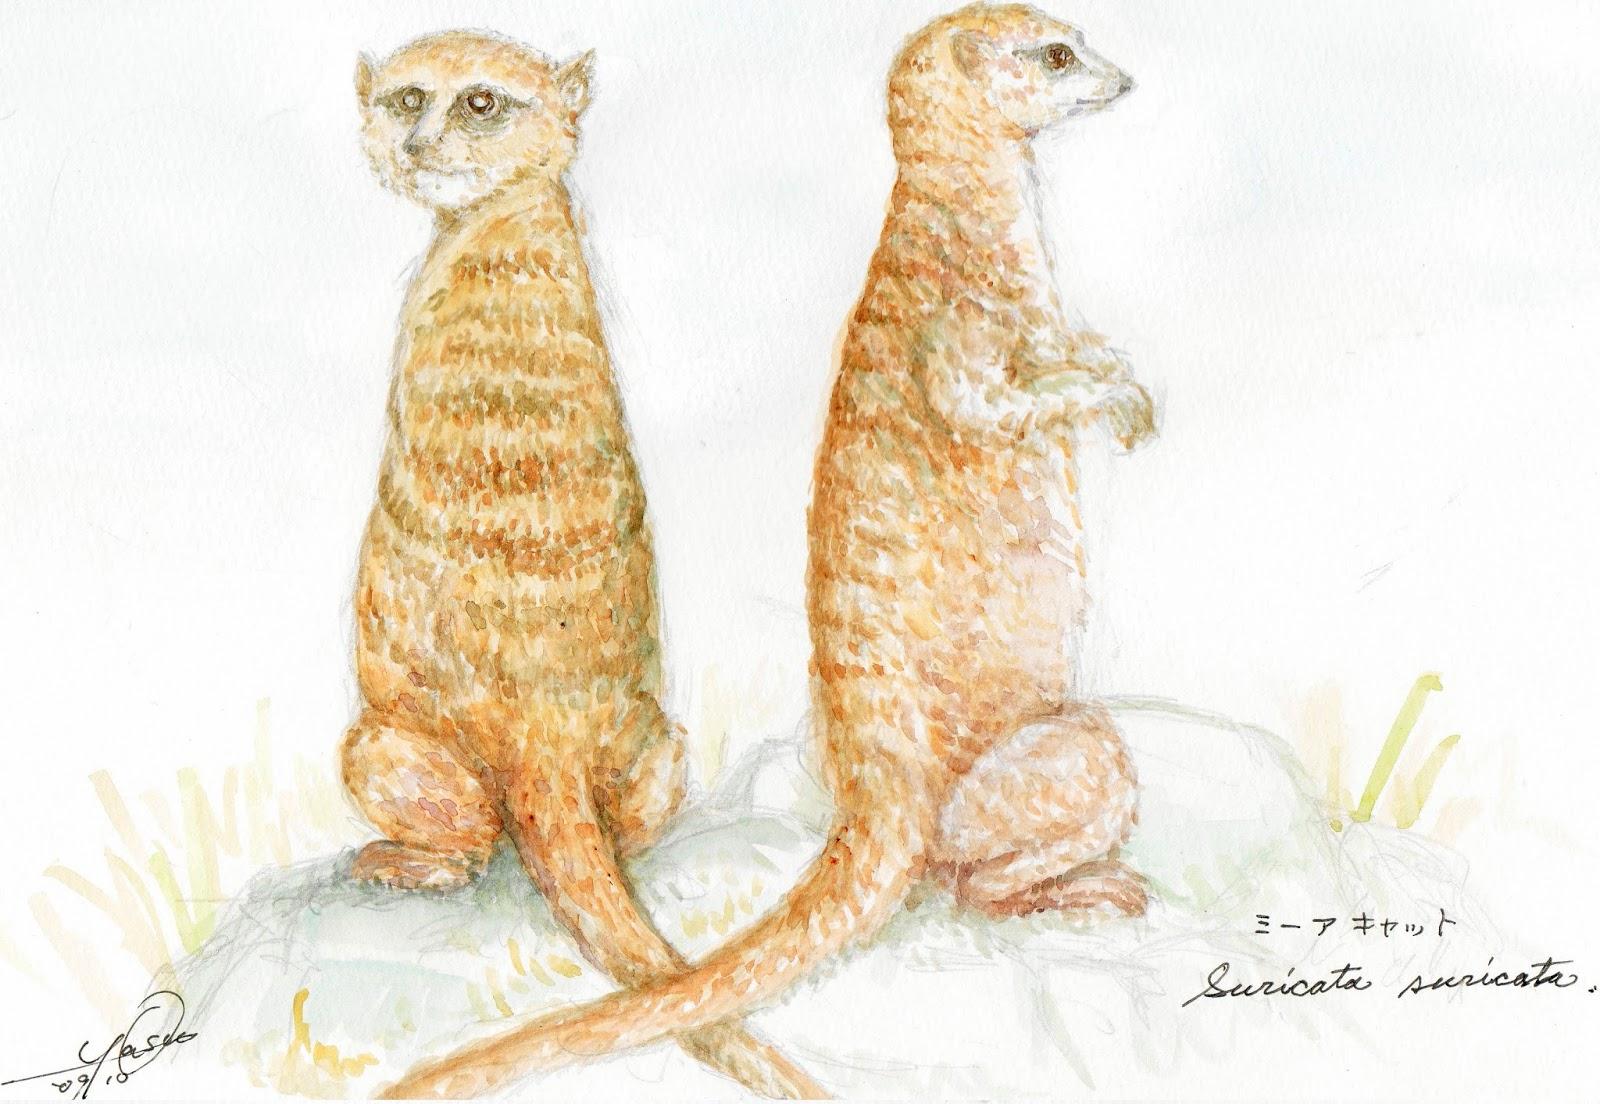 やっちゃんのネコと動物イラスト ミーアキャット別名スリカータ